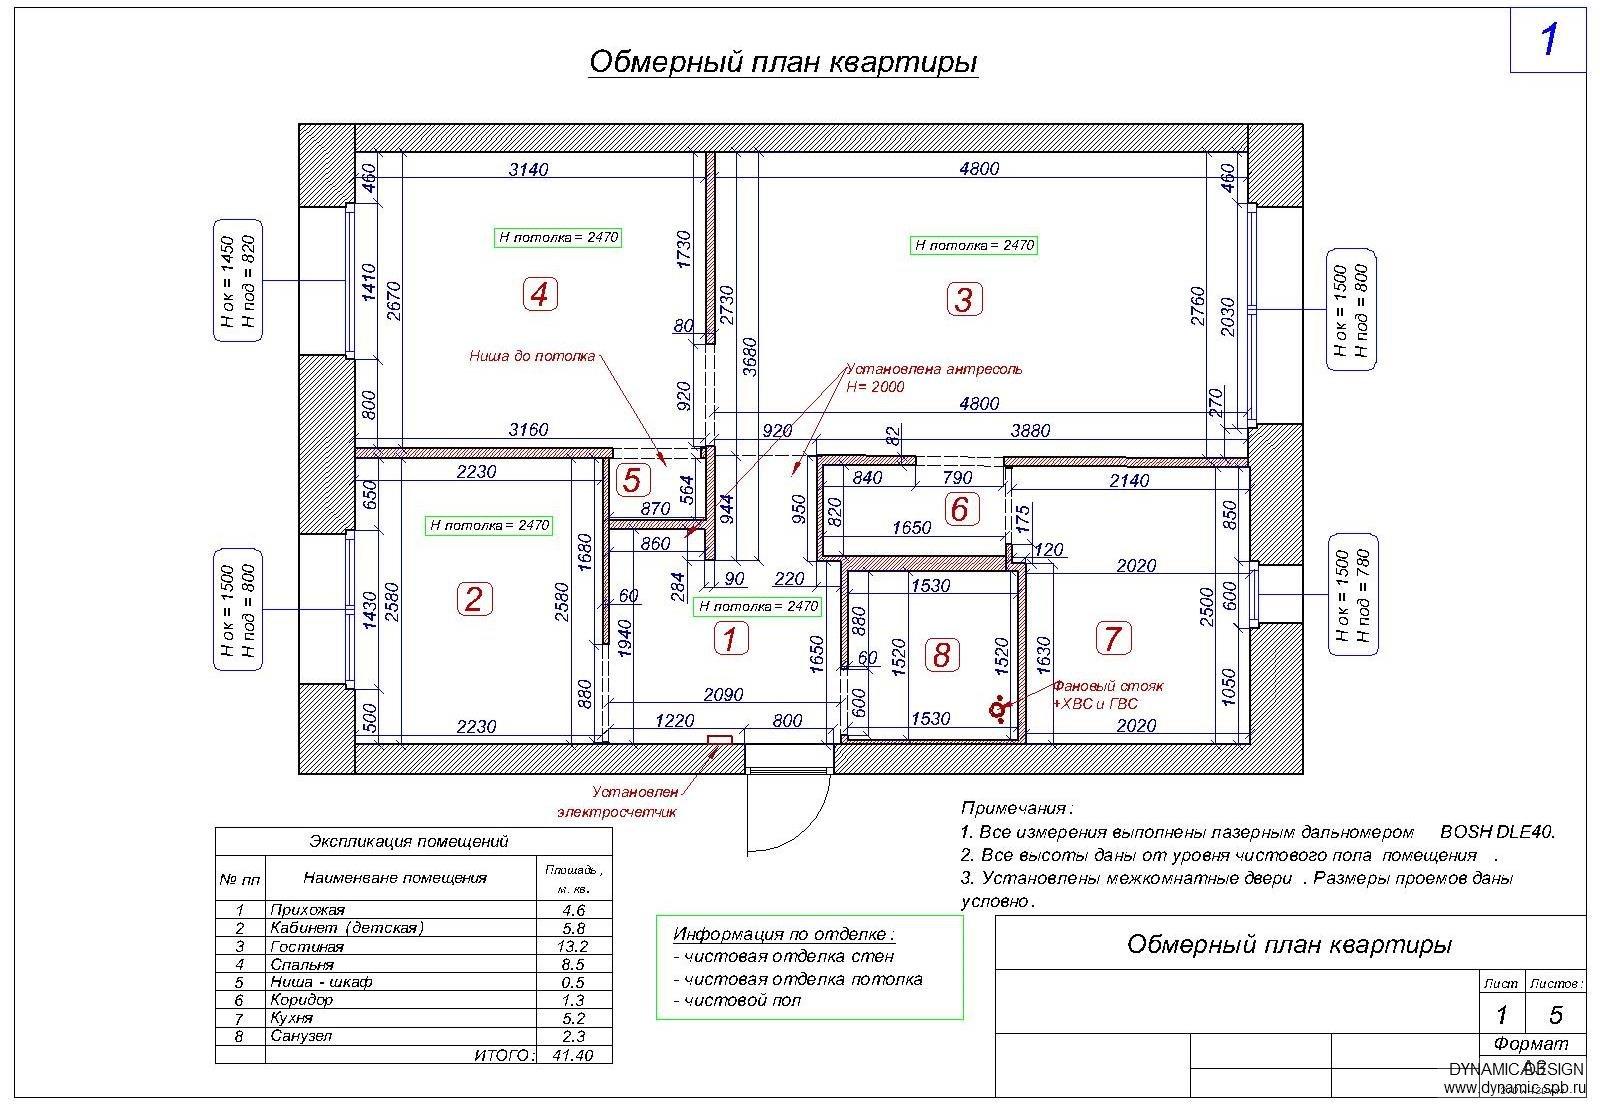 Таблица: единица измерения мощности (электроэнергии)